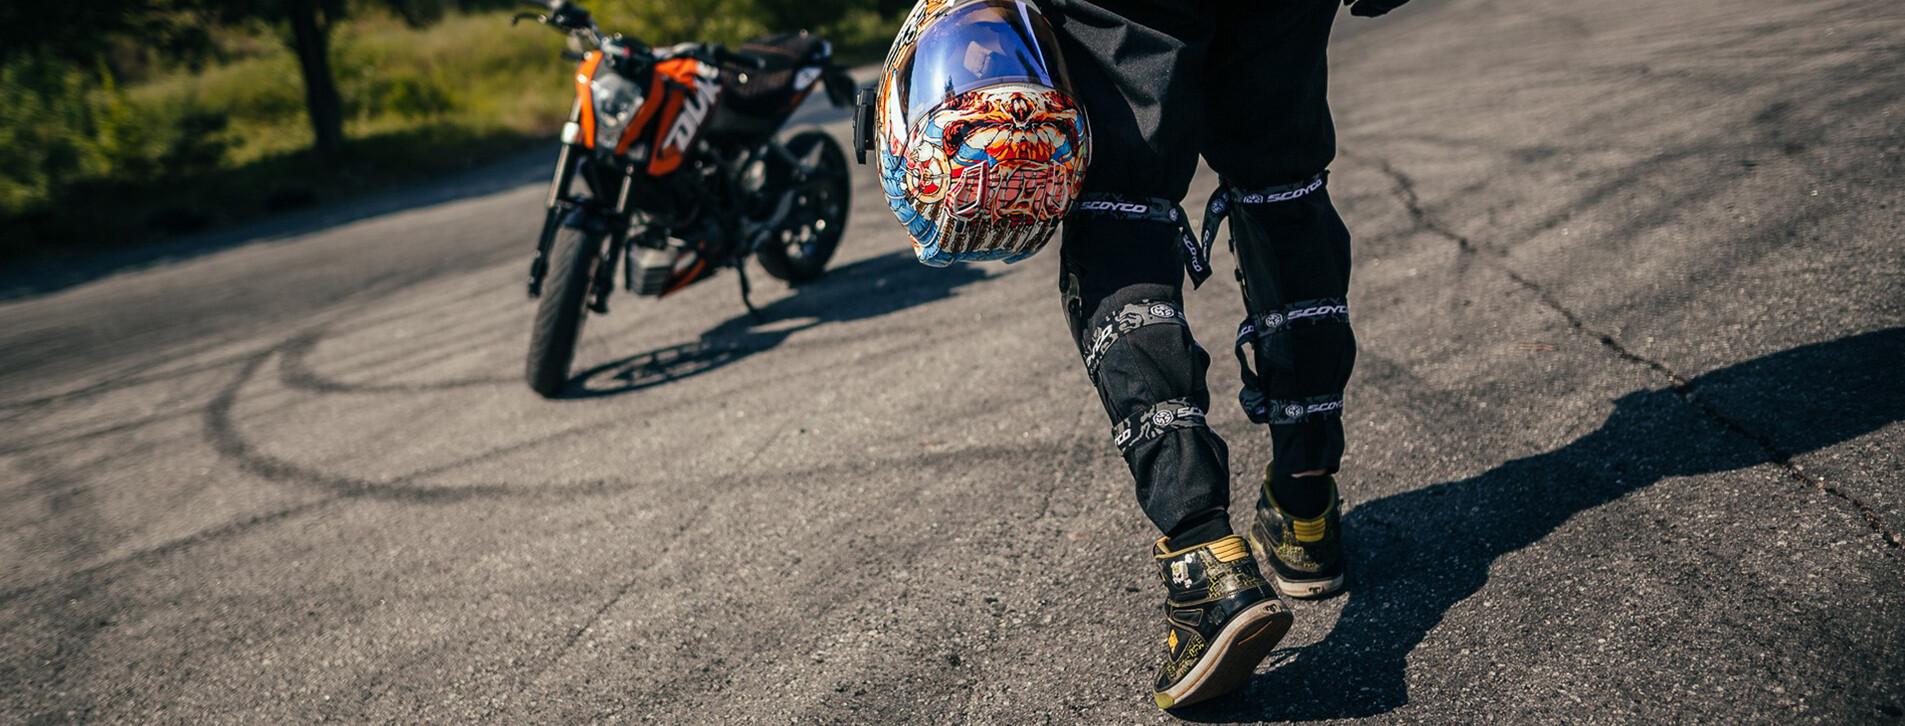 Фото - Мастер-класс езды на мотоцикле для двоих